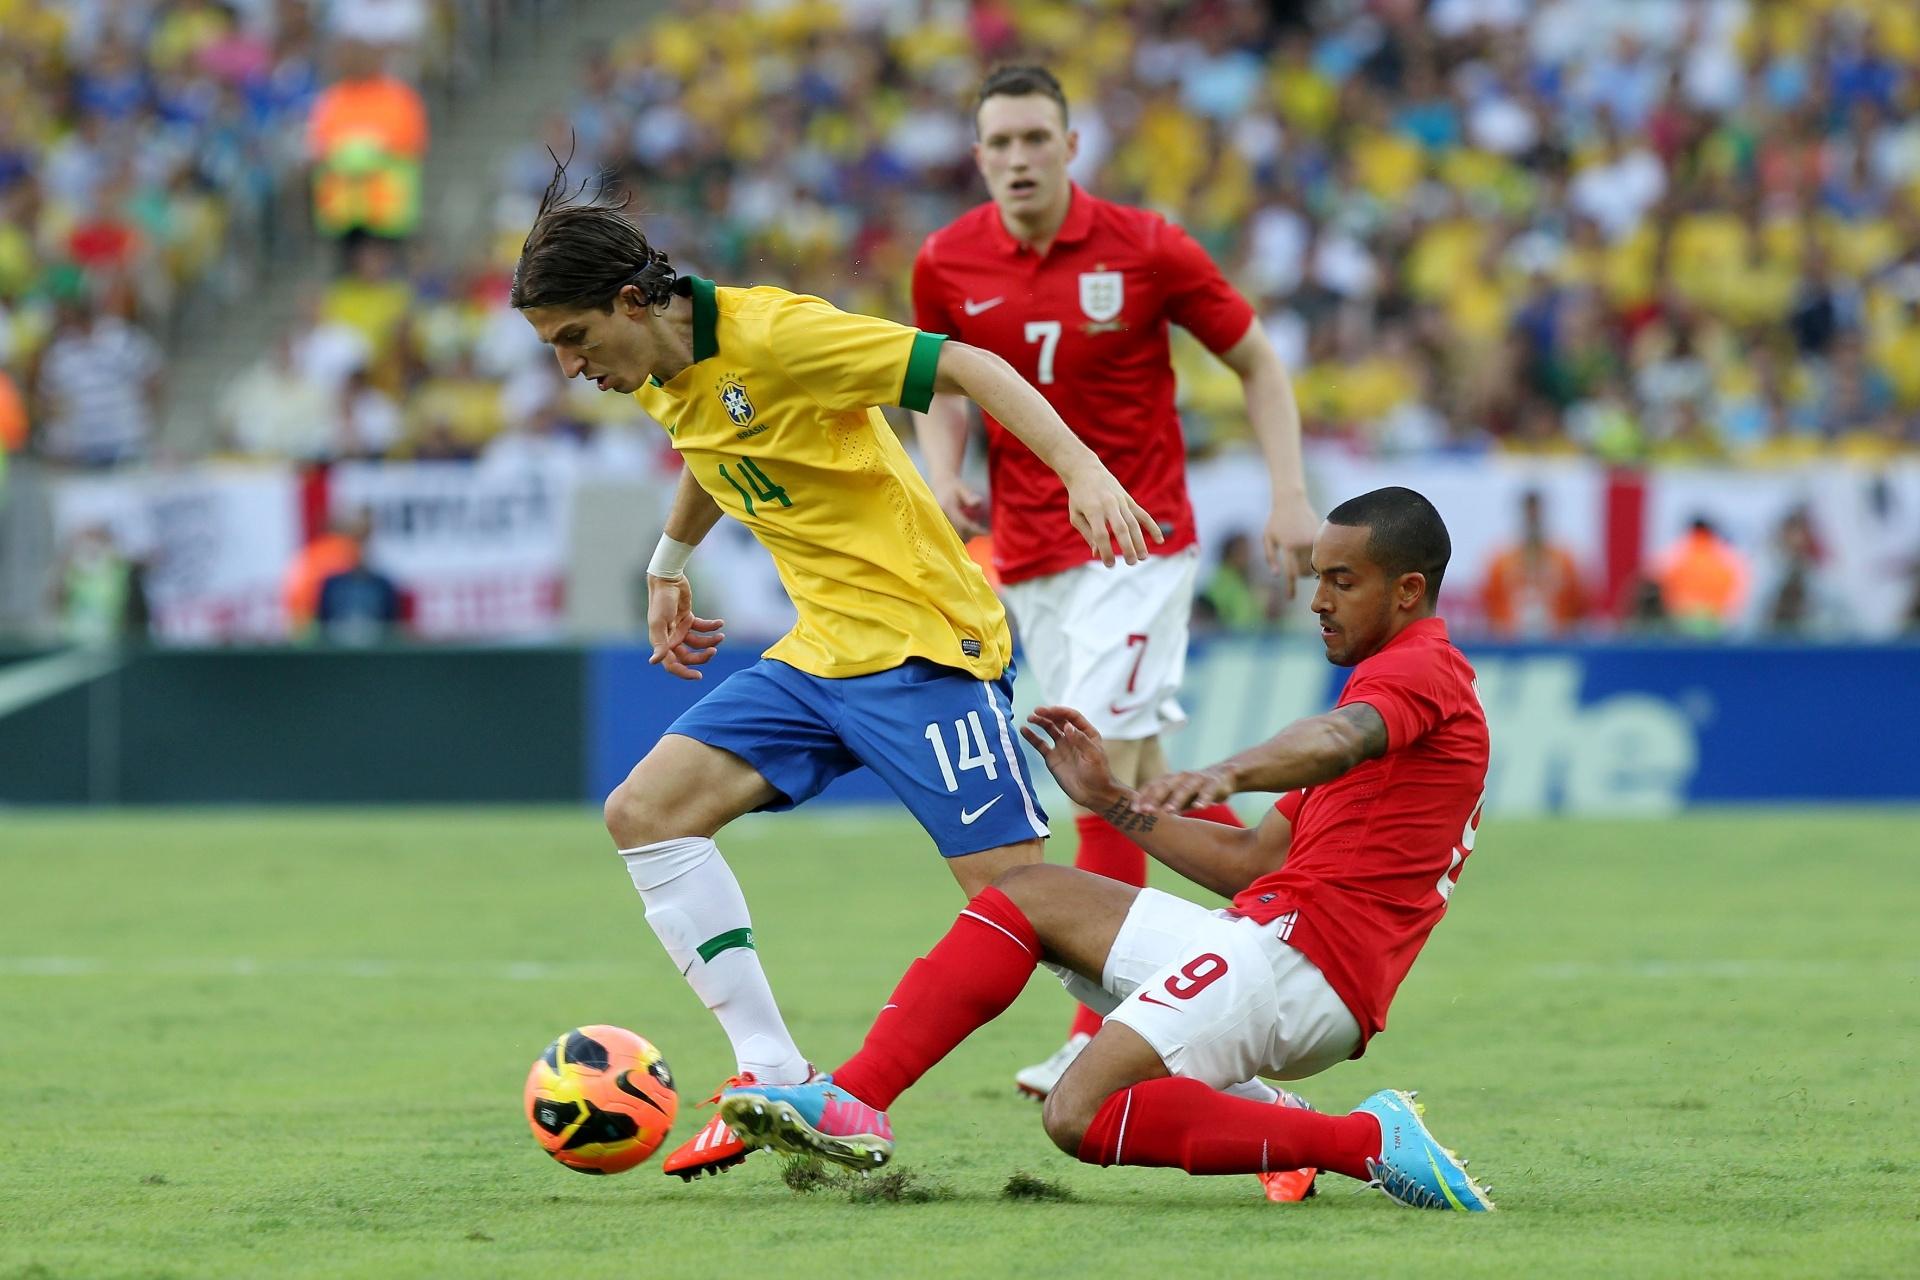 02.jun.2013 - Filipe Luis tenta fugir de carrinho de Theo Walcott na partida contra a Inglaterra no Maracanã